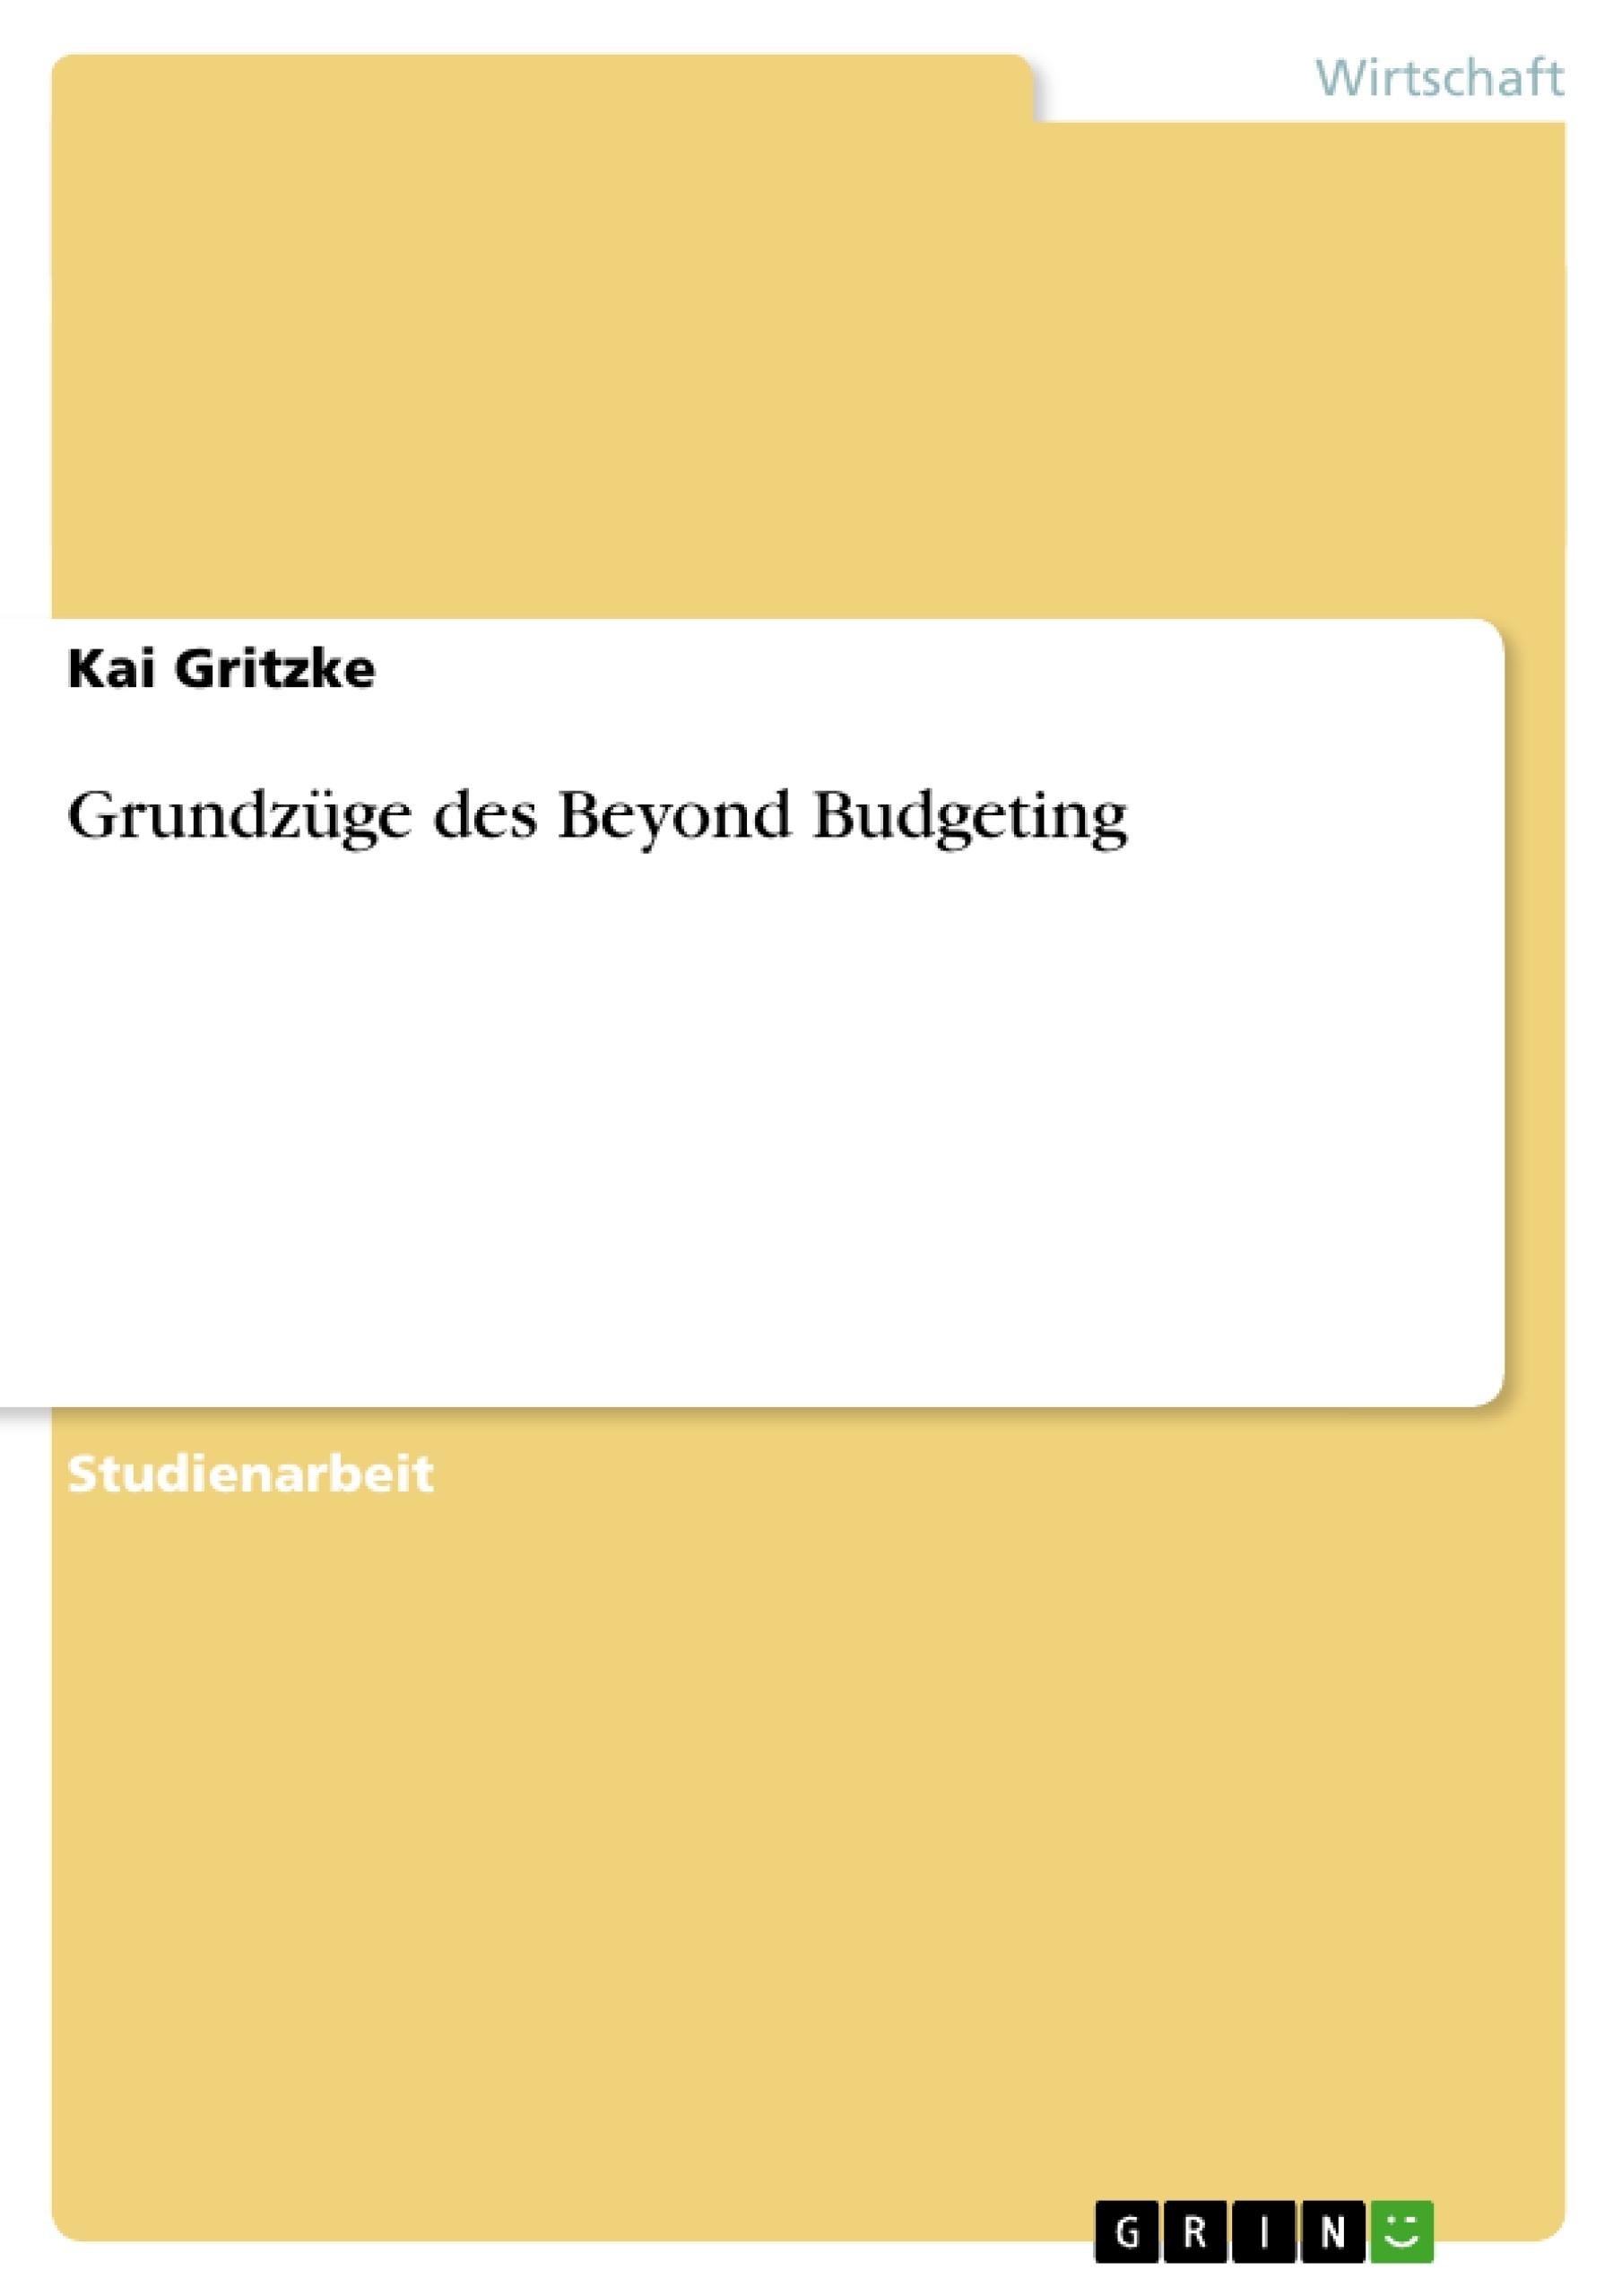 Titel: Grundzüge des Beyond Budgeting